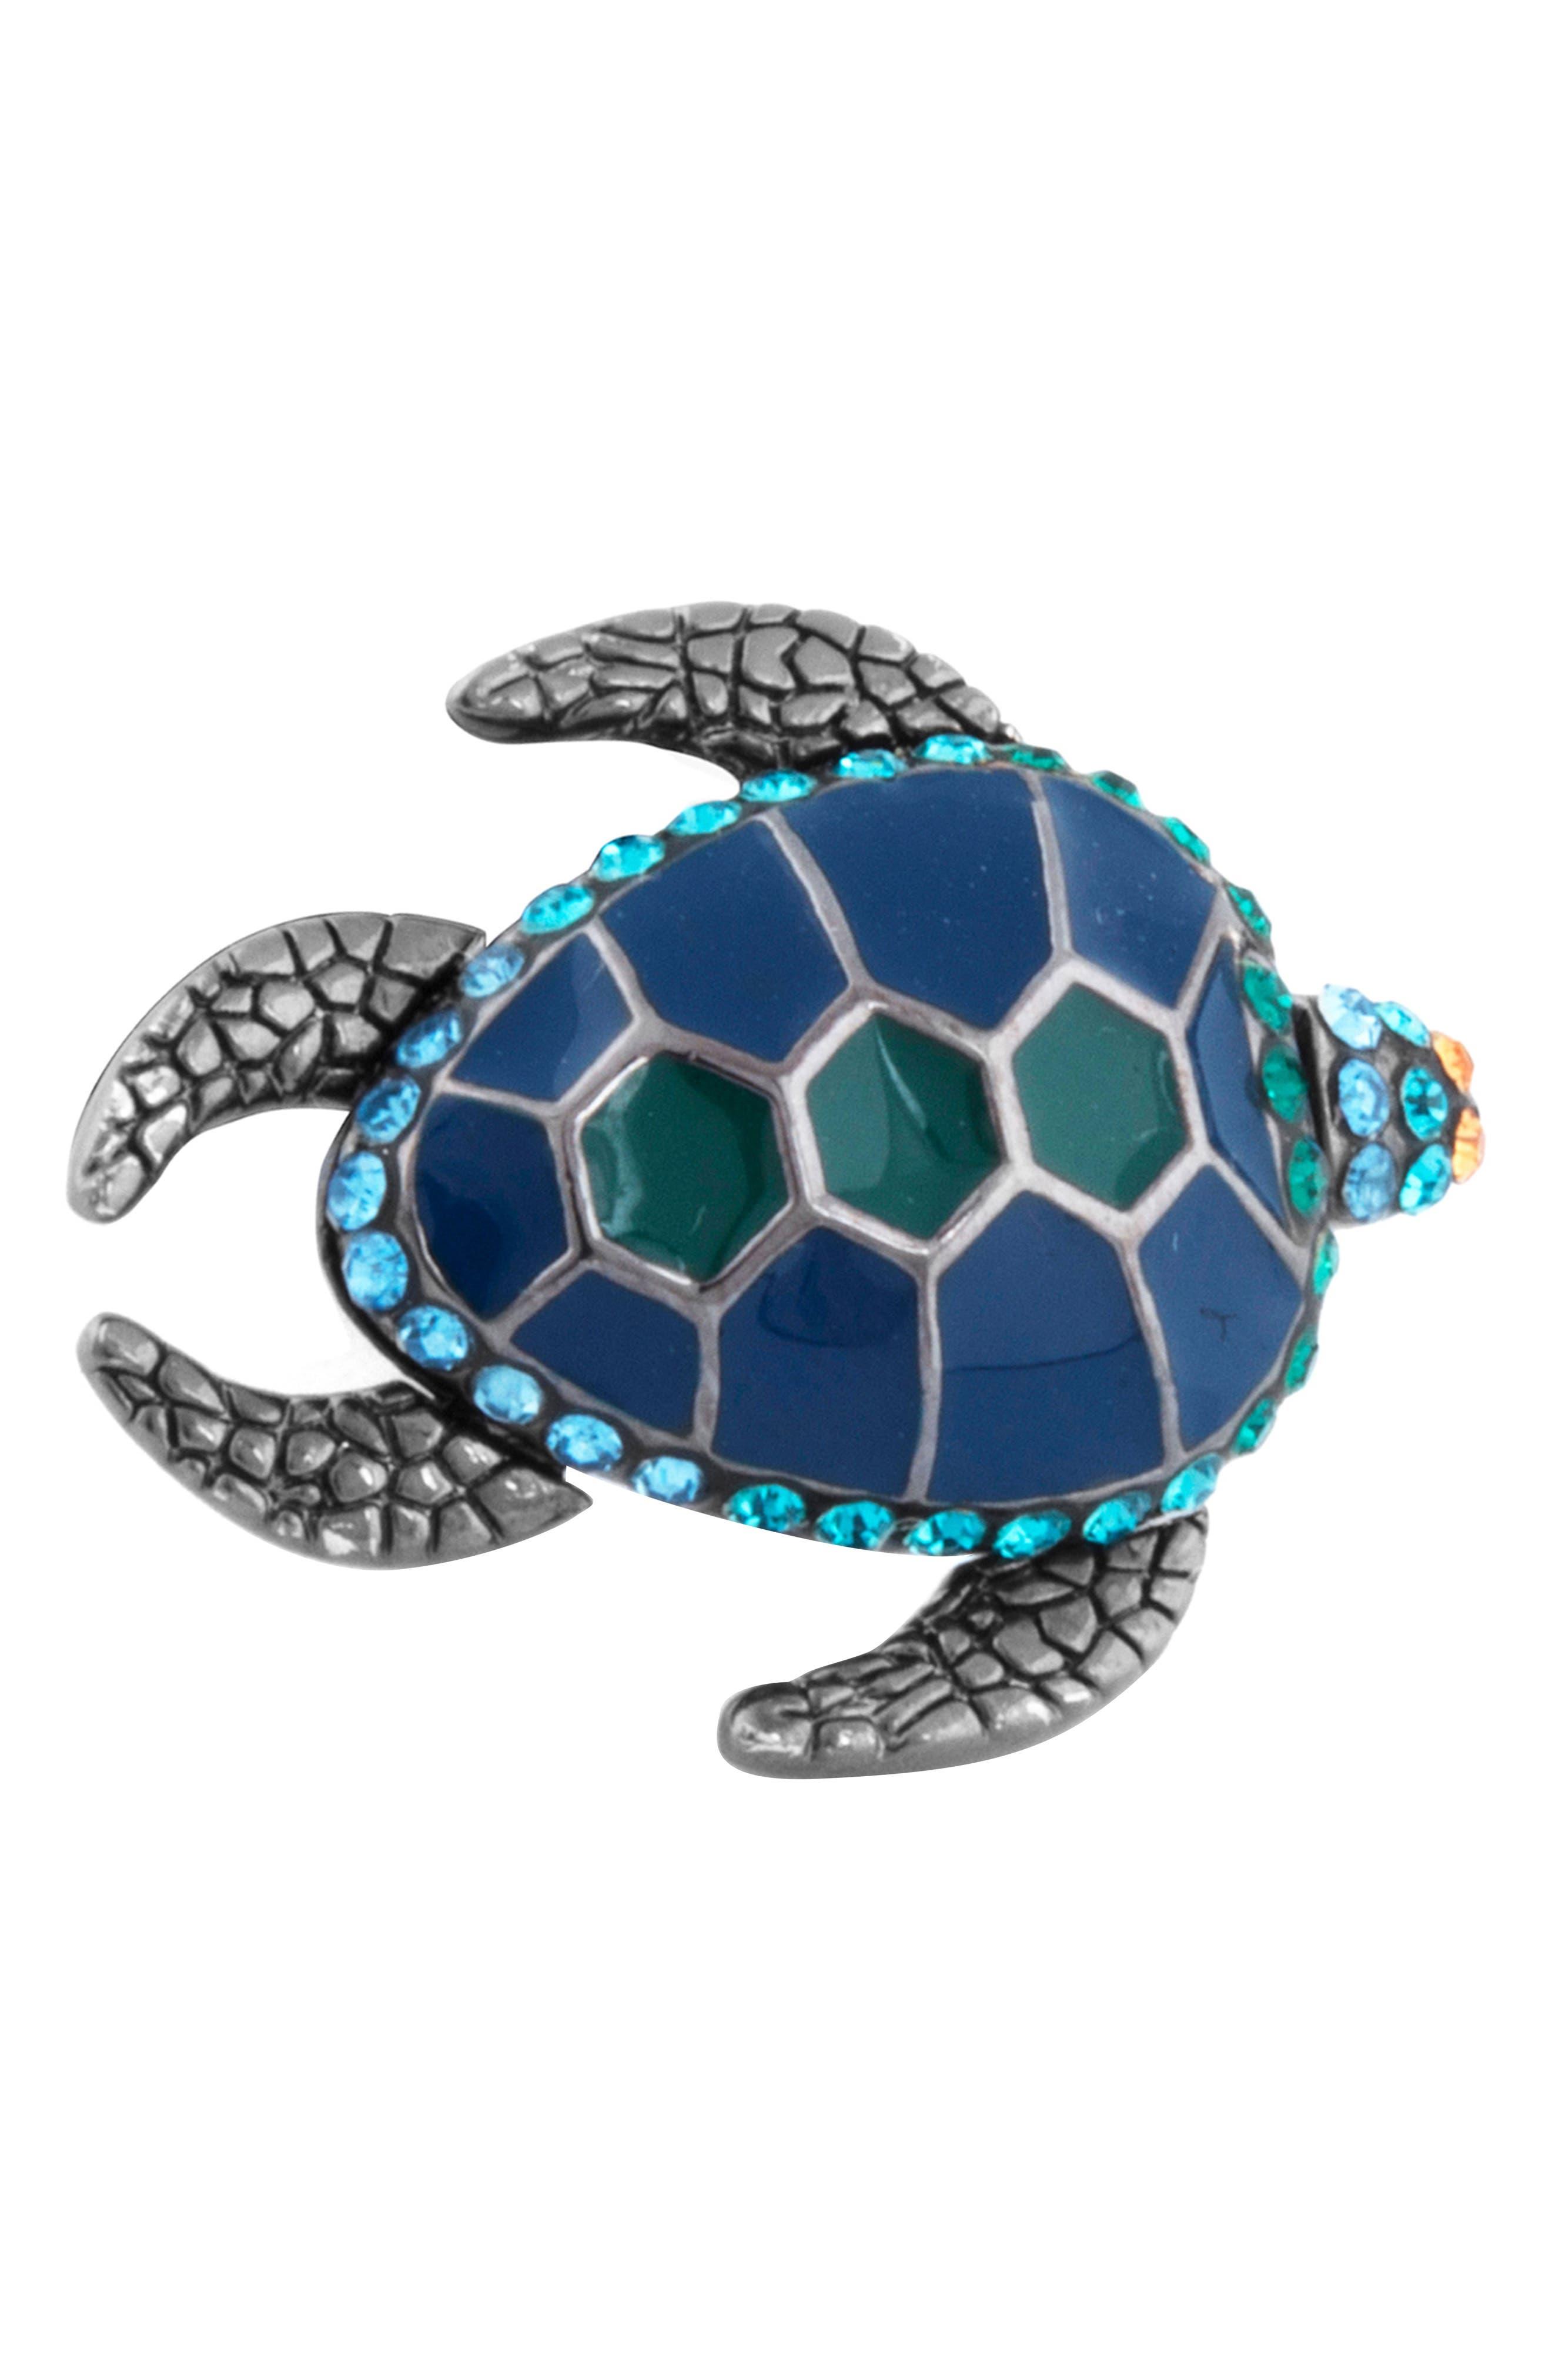 Main Image - Tateossian Mechanimal Turtle Pin